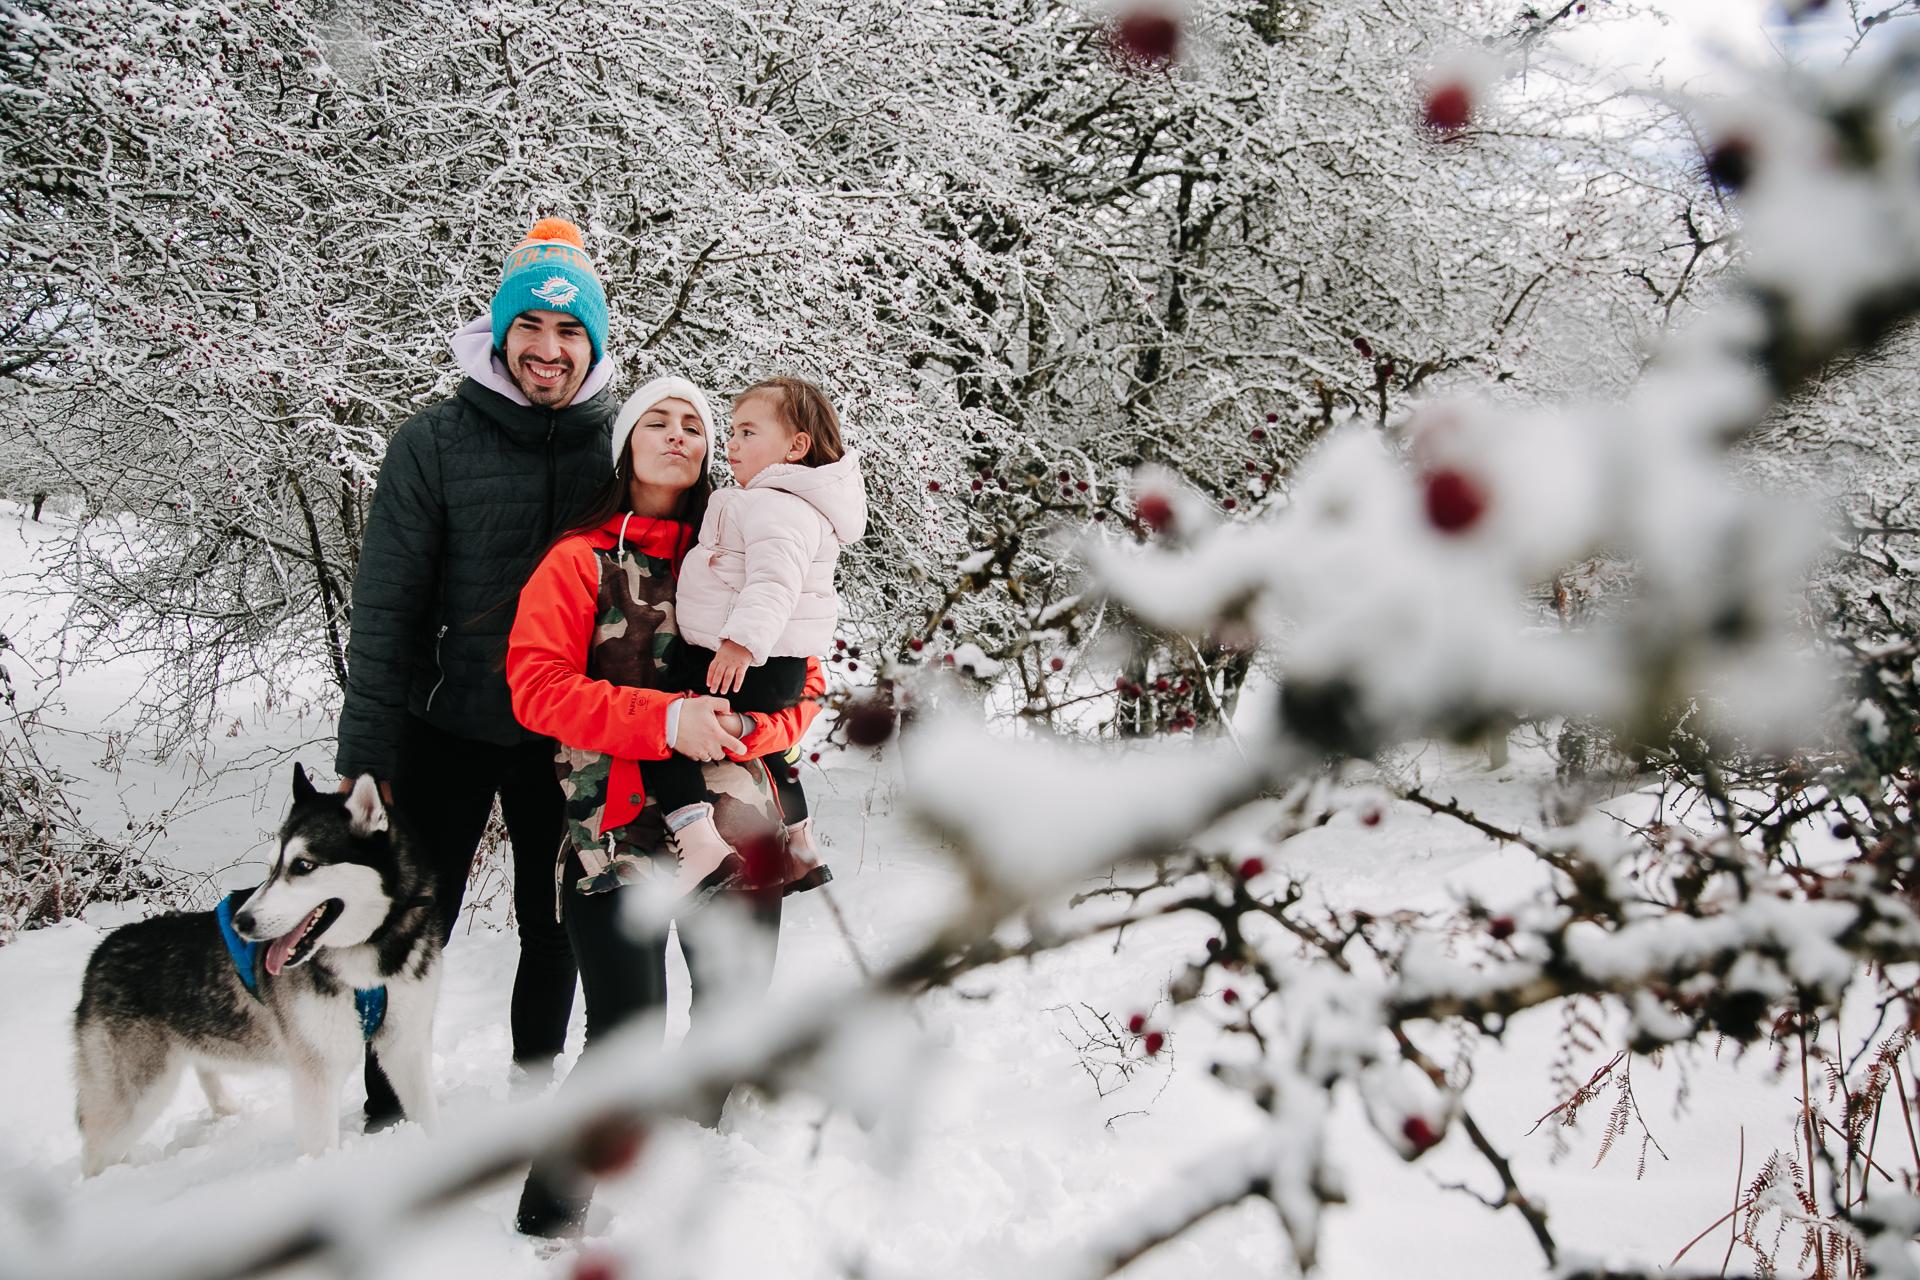 sesion de fotos en la nieve